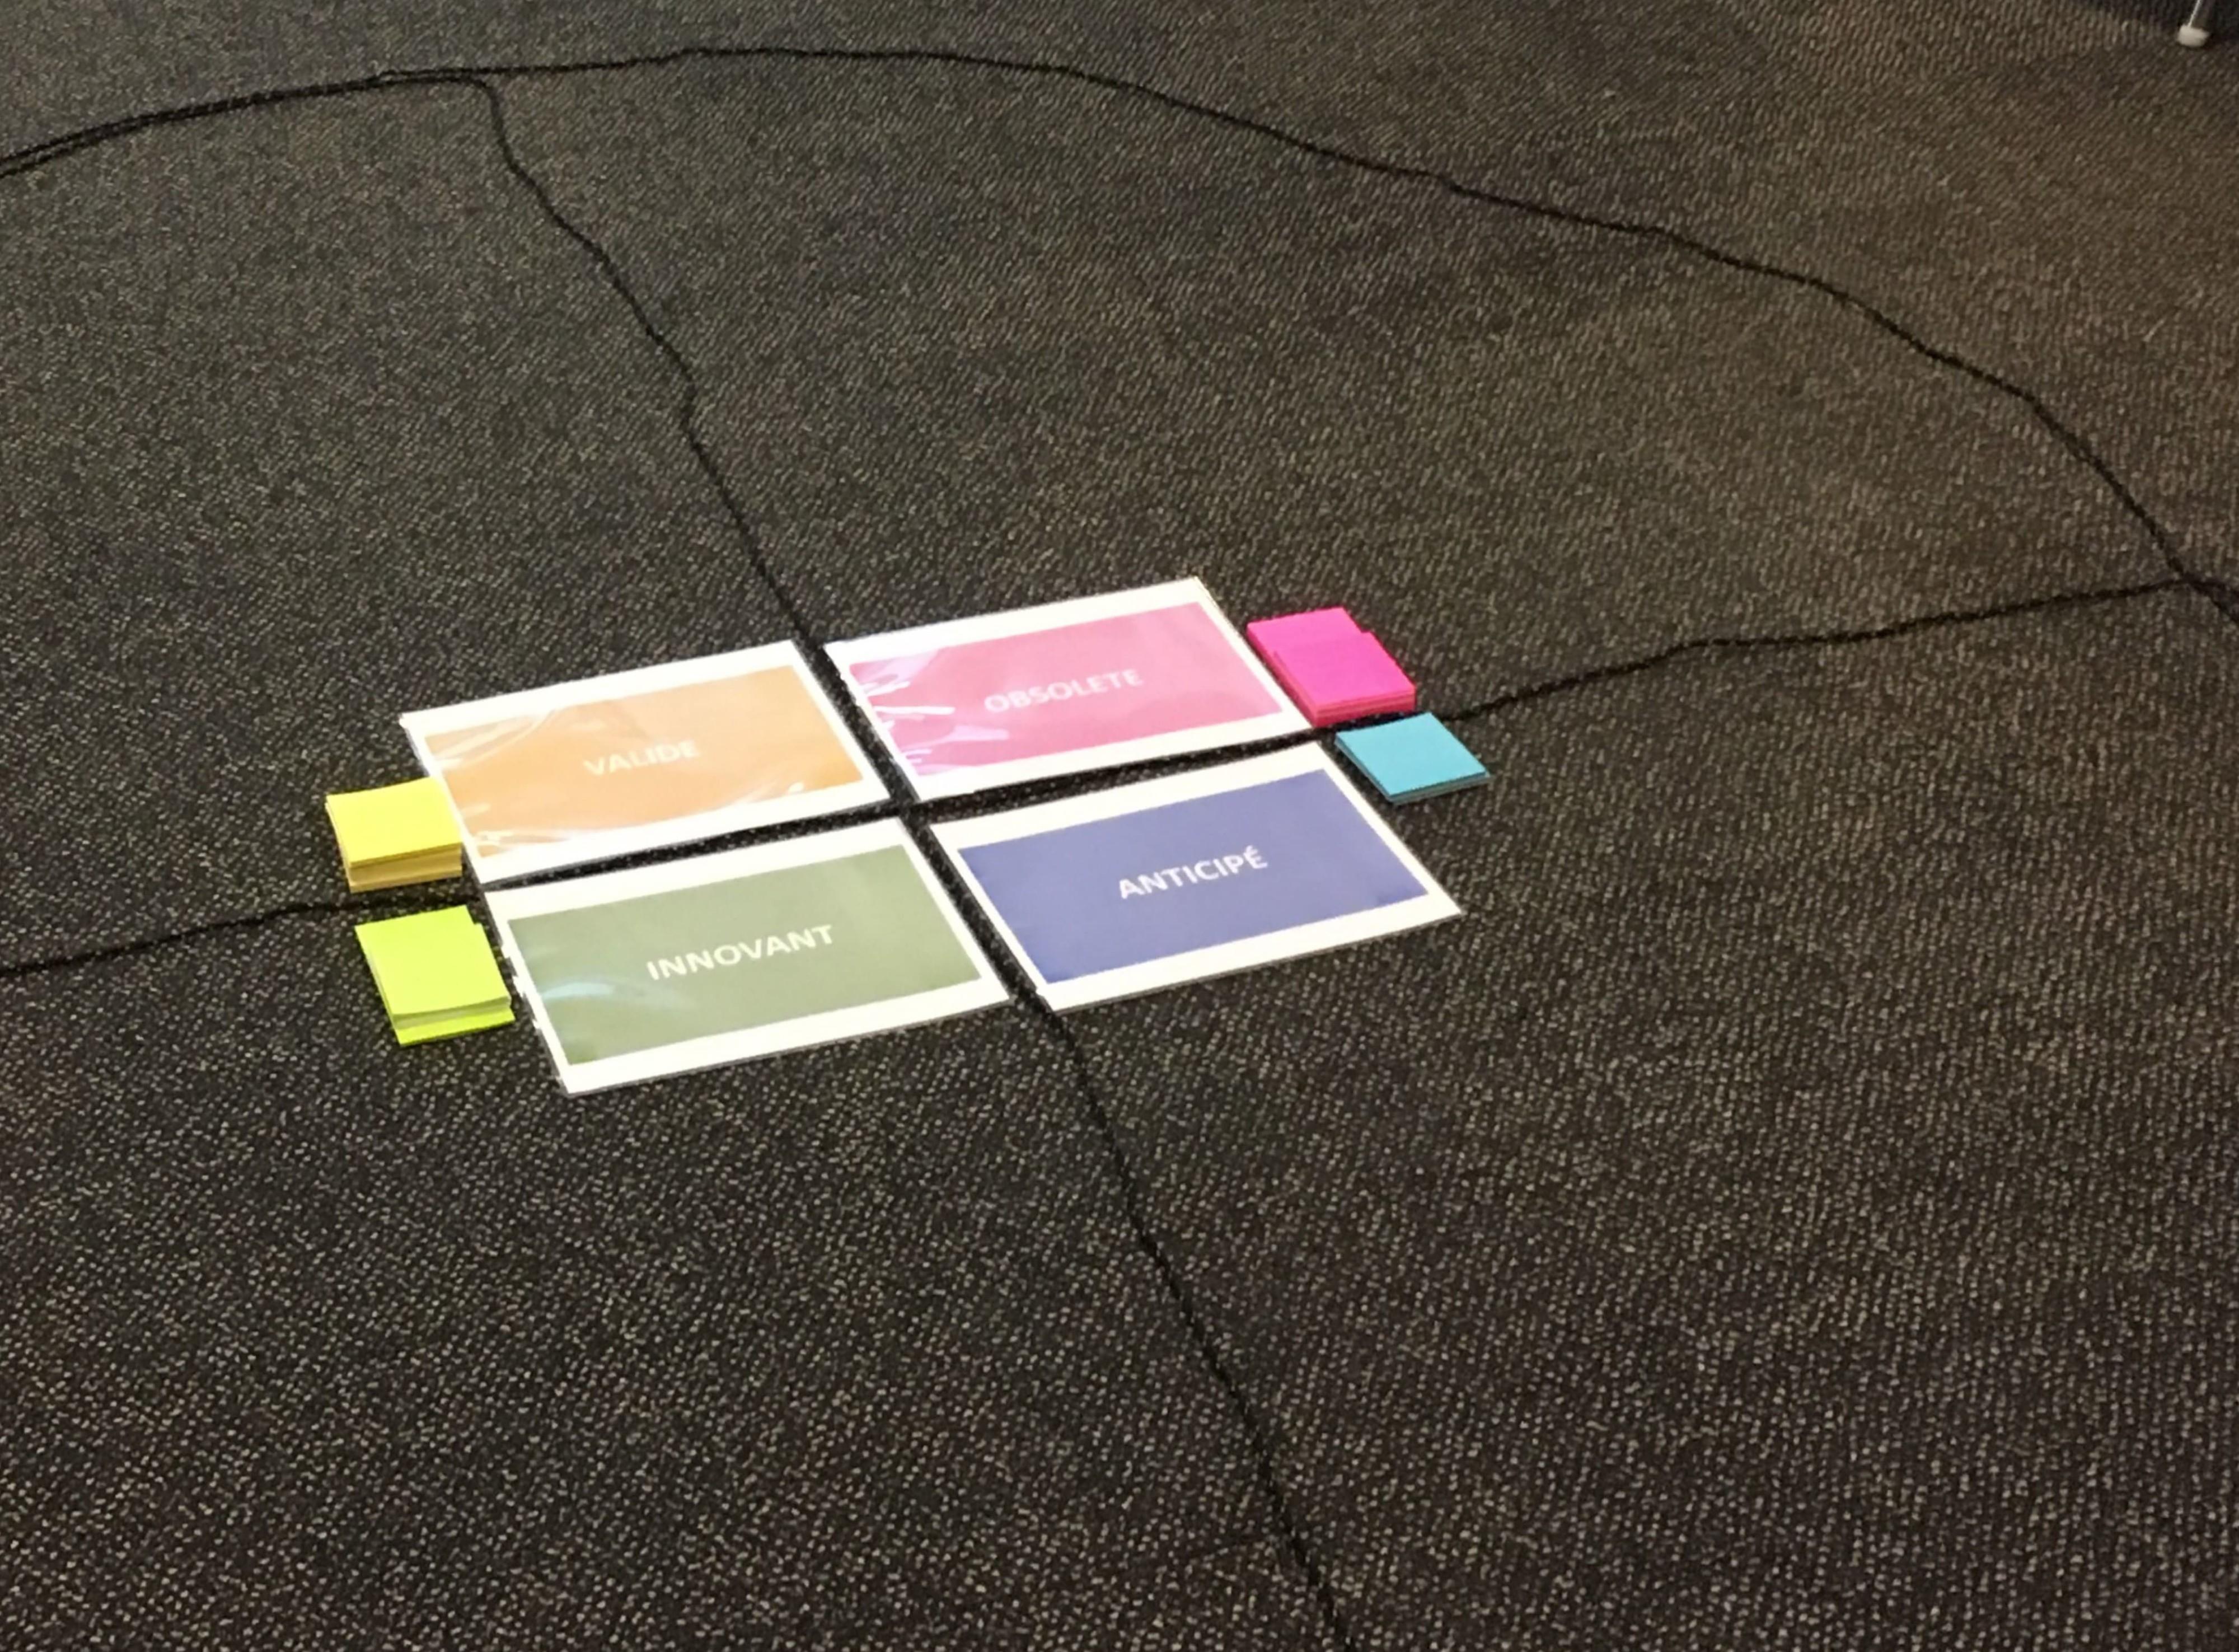 Le cadran dynamique est composé de 4 quarts ayant pour titre : validé, obsolète, anticipé, innovant.